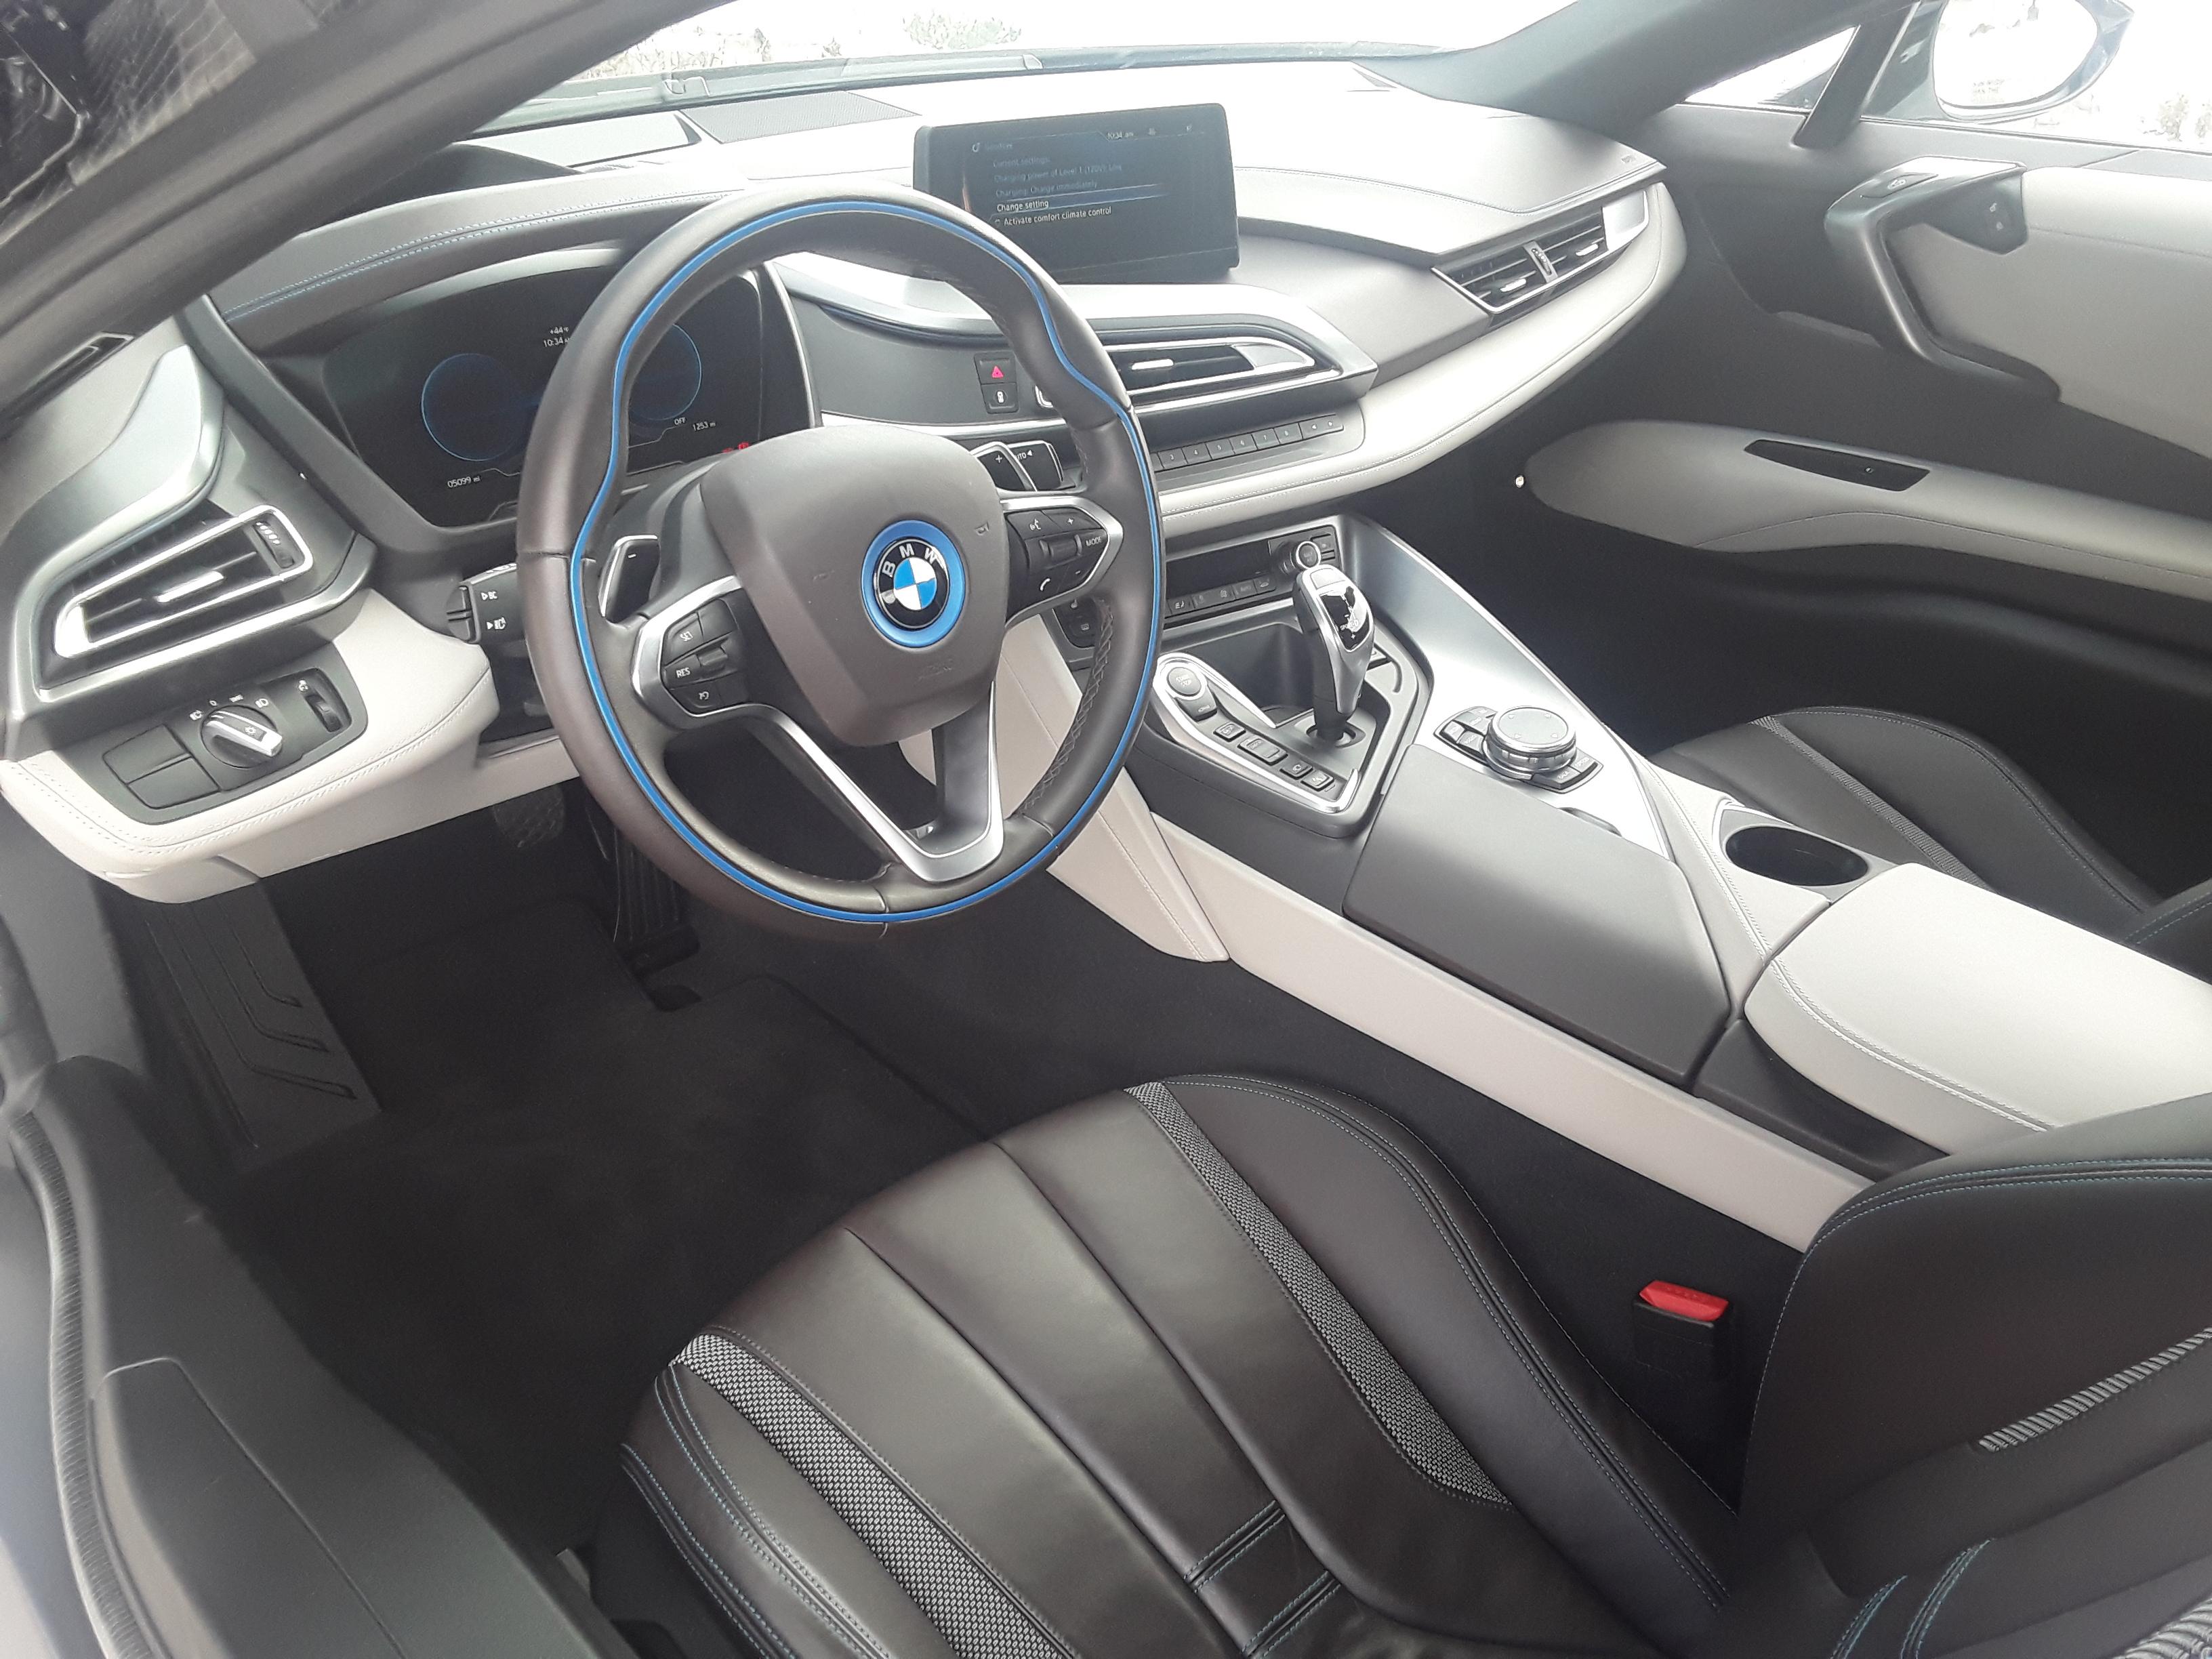 BMW i8 Interior Daytime